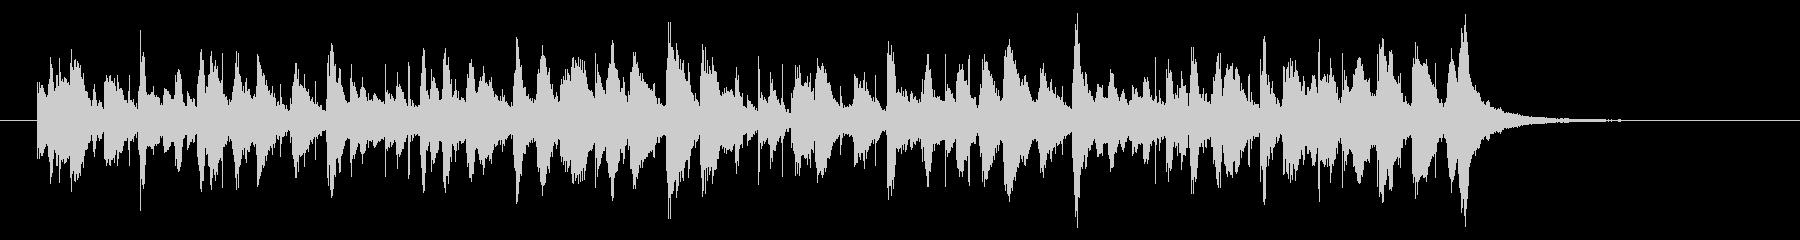 カリプソ風のジングルの未再生の波形